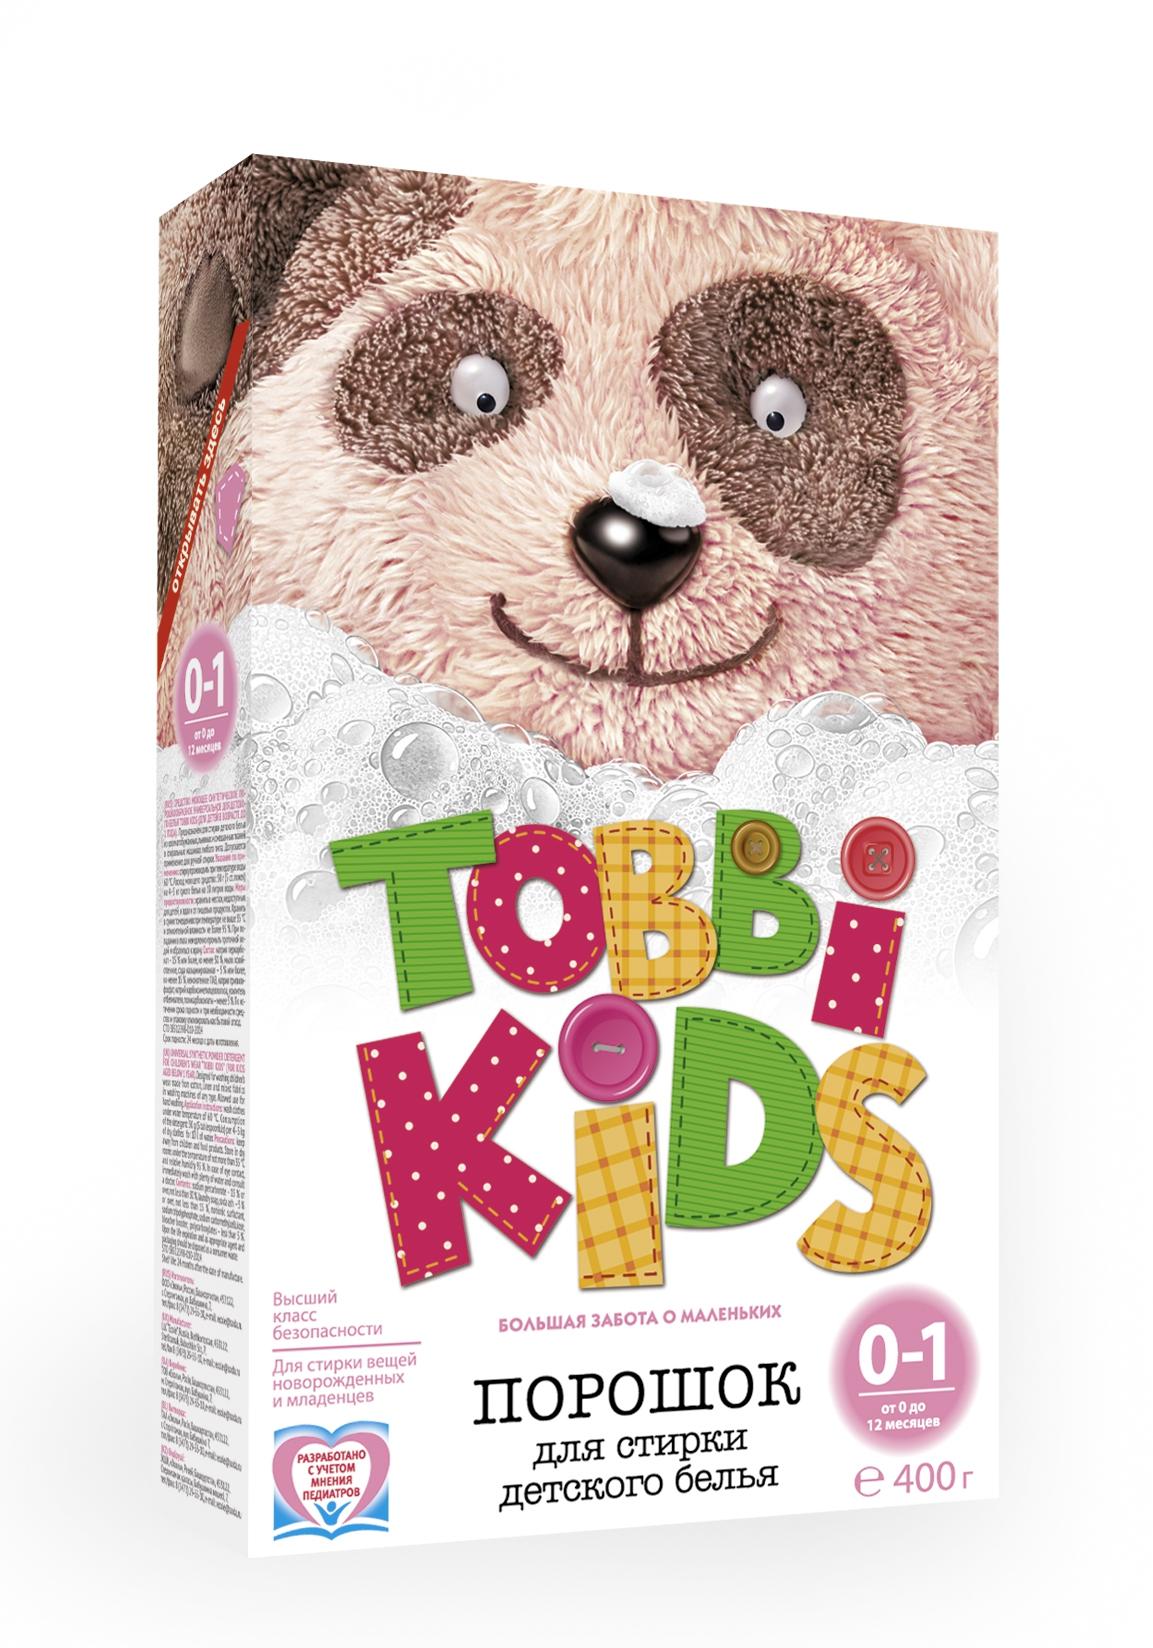 Стиральный порошок Tobbi Kids 0-12 мес брюки из фланели на 1 мес 3 года